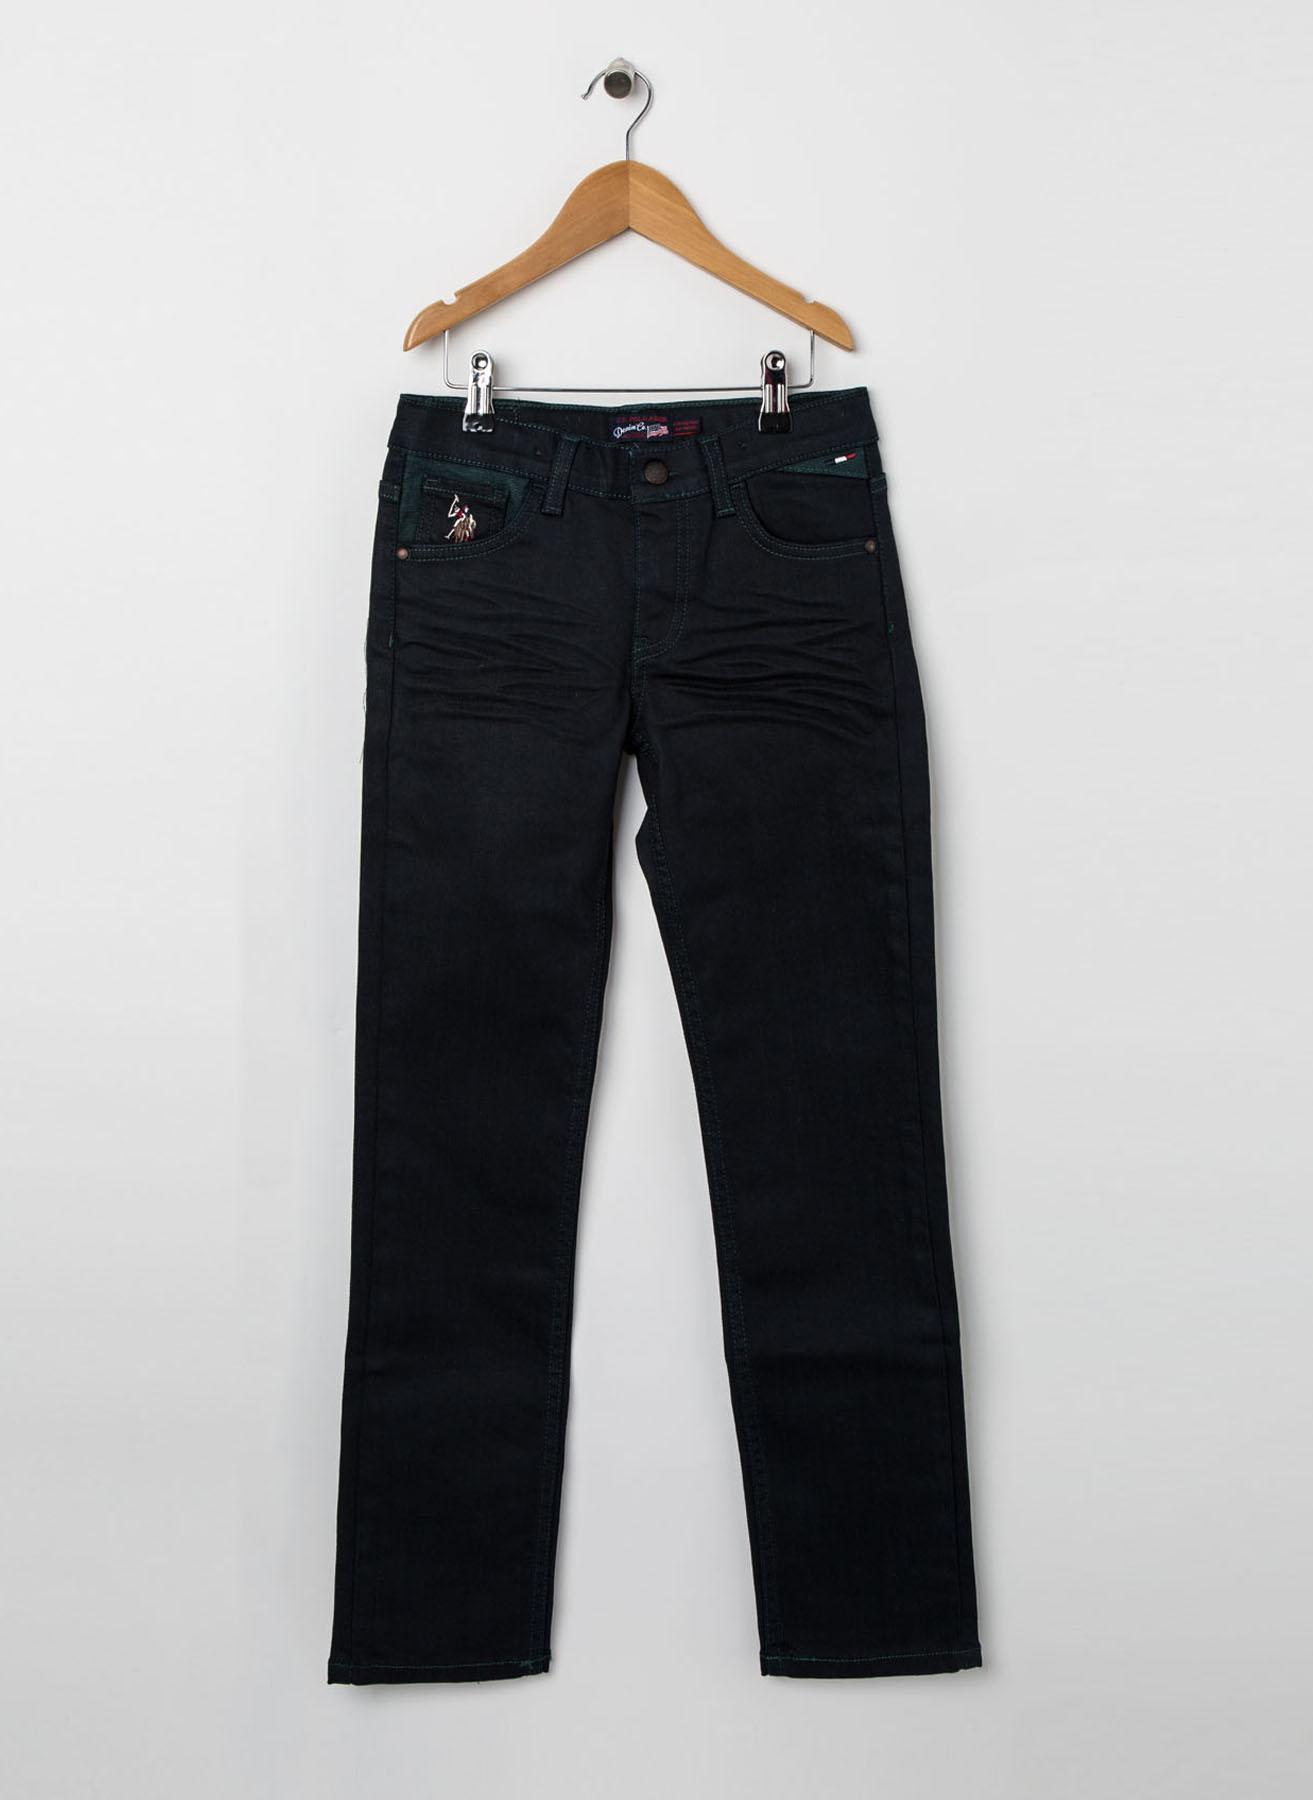 U.S. Polo Assn. Genç Erkek Colarado Yeşil Pantolon 9 Yaş 5001704509010 Ürün Resmi